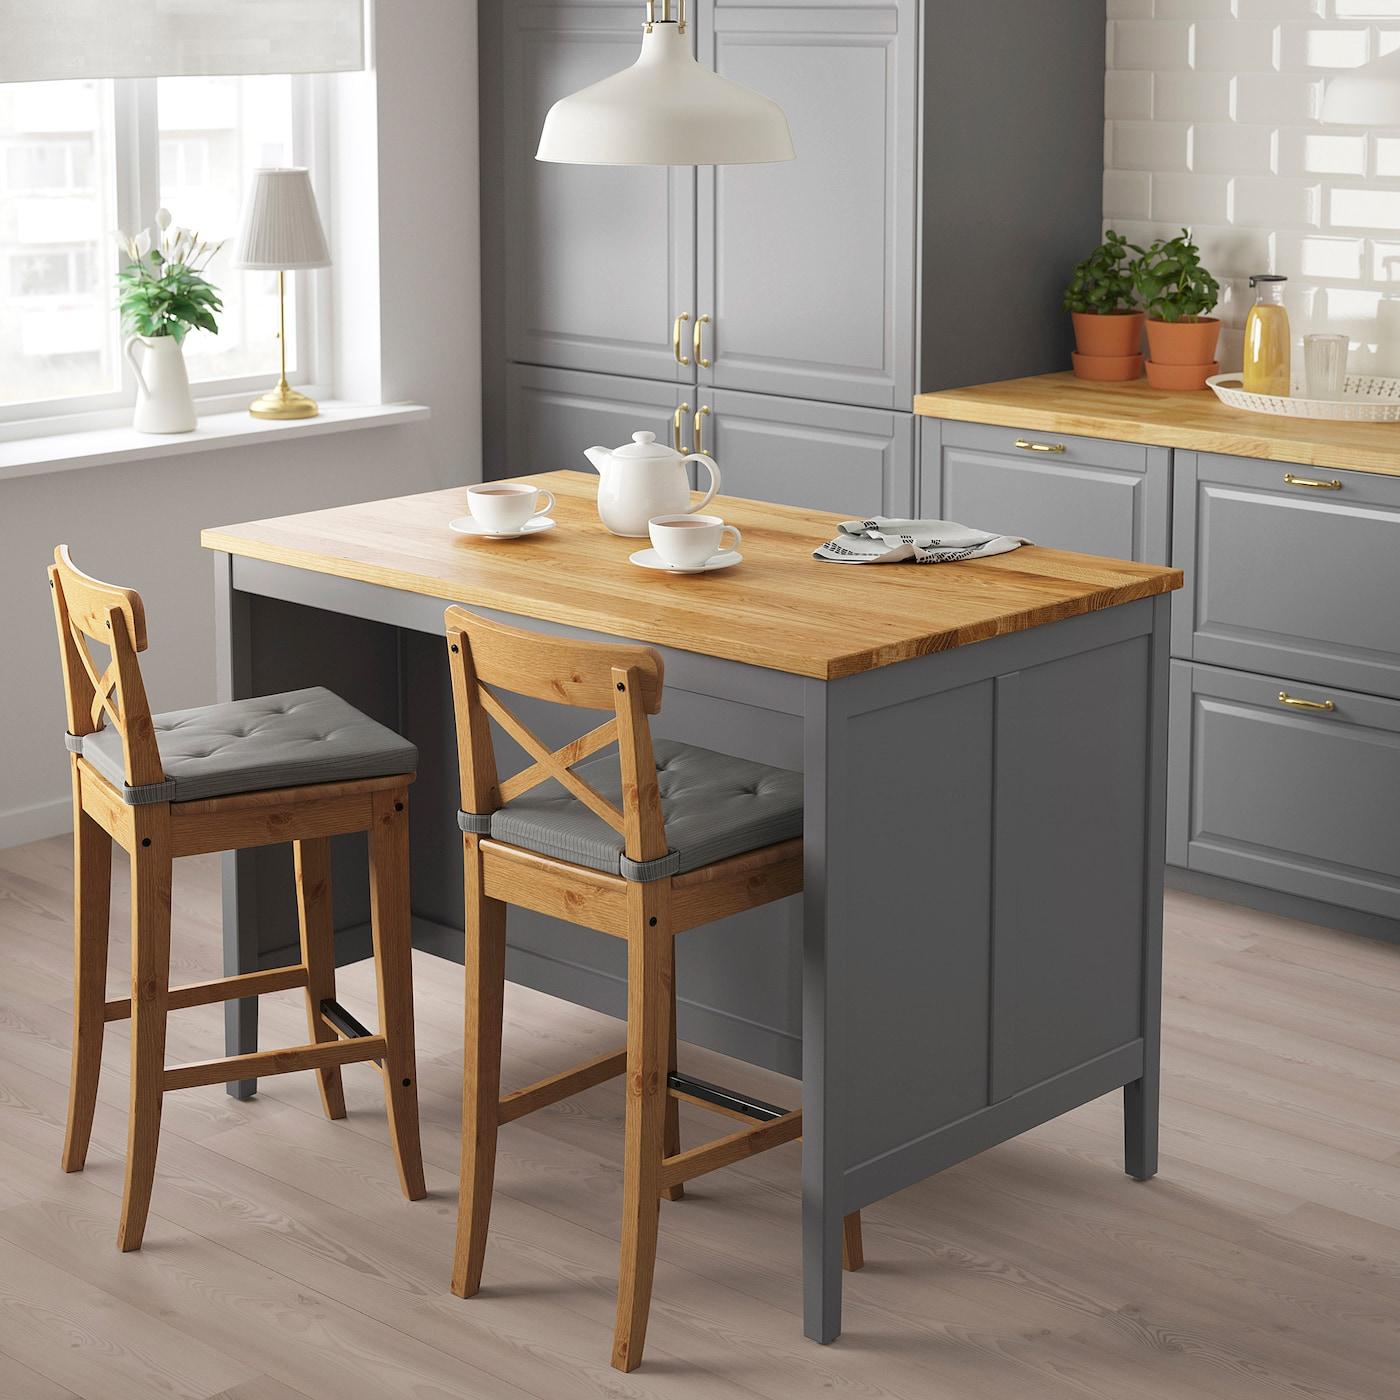 Full Size of Tornviken Kcheninsel Grau Betten Ikea 160x200 Küche Kaufen Sofa Mit Schlaffunktion Modulküche Bei Kosten Miniküche Wohnzimmer Kücheninsel Ikea